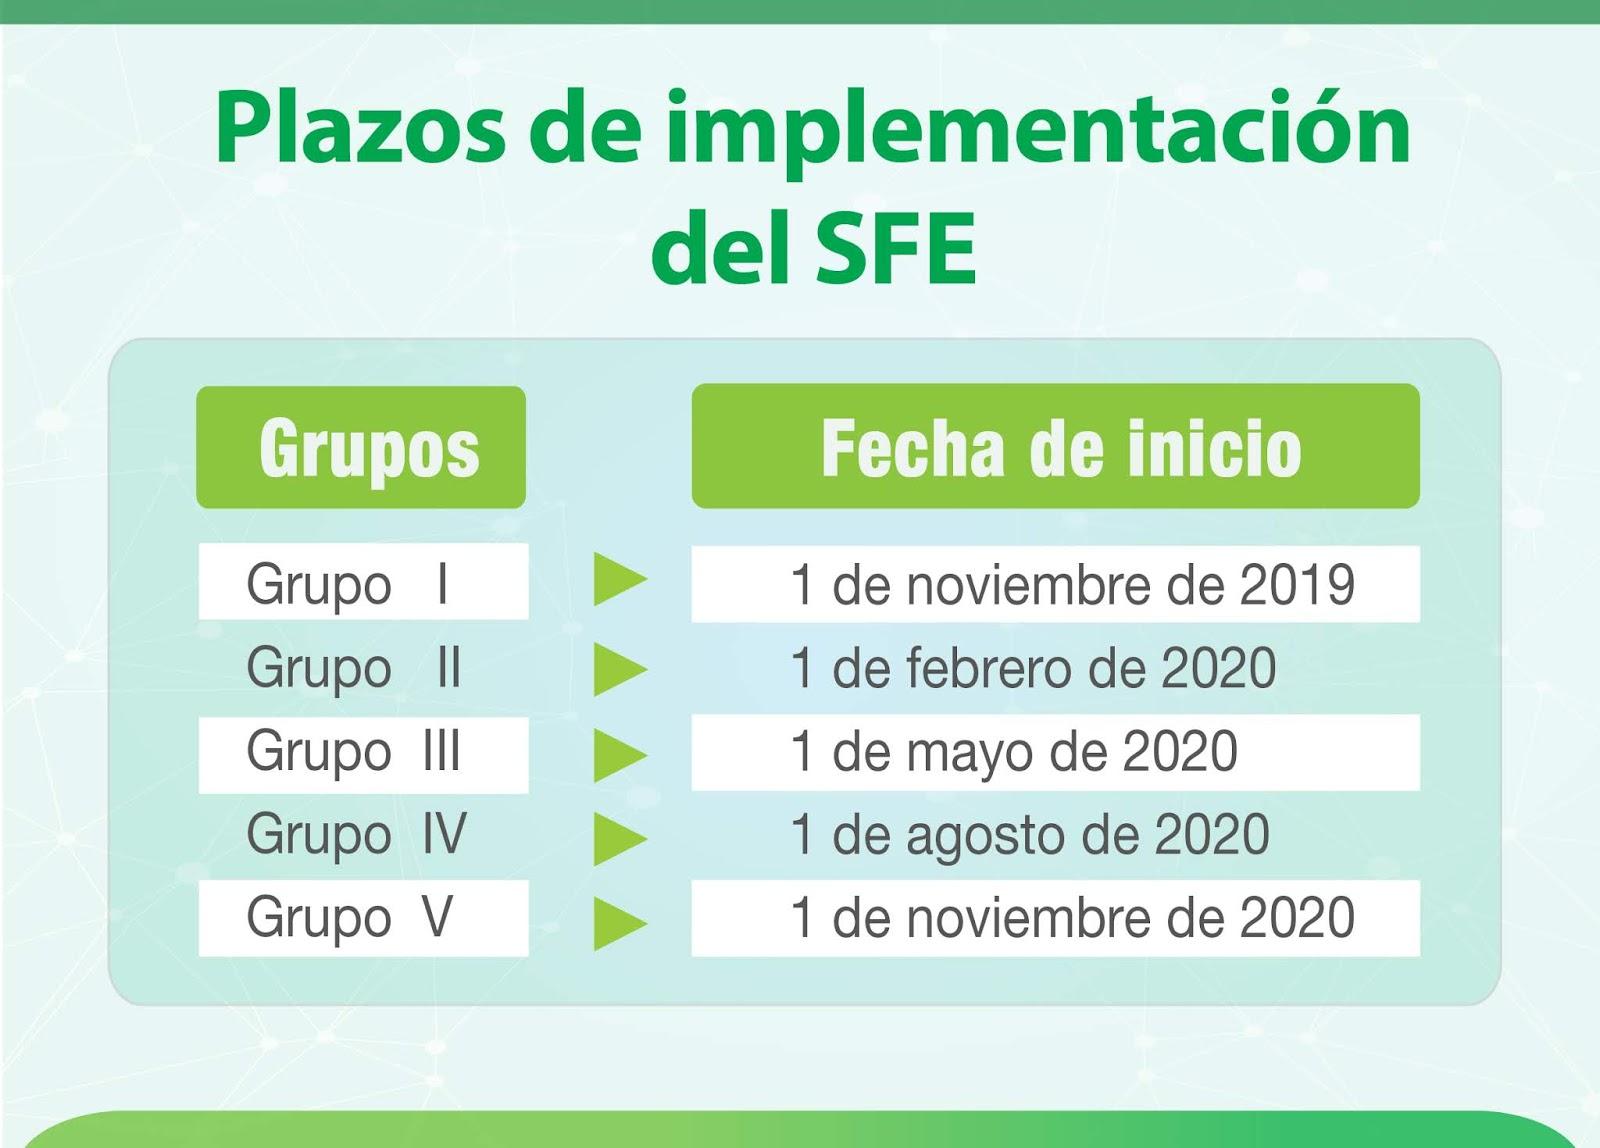 Conozca los plazos de implementación de Facturación Electrónica / IMPUESTOS